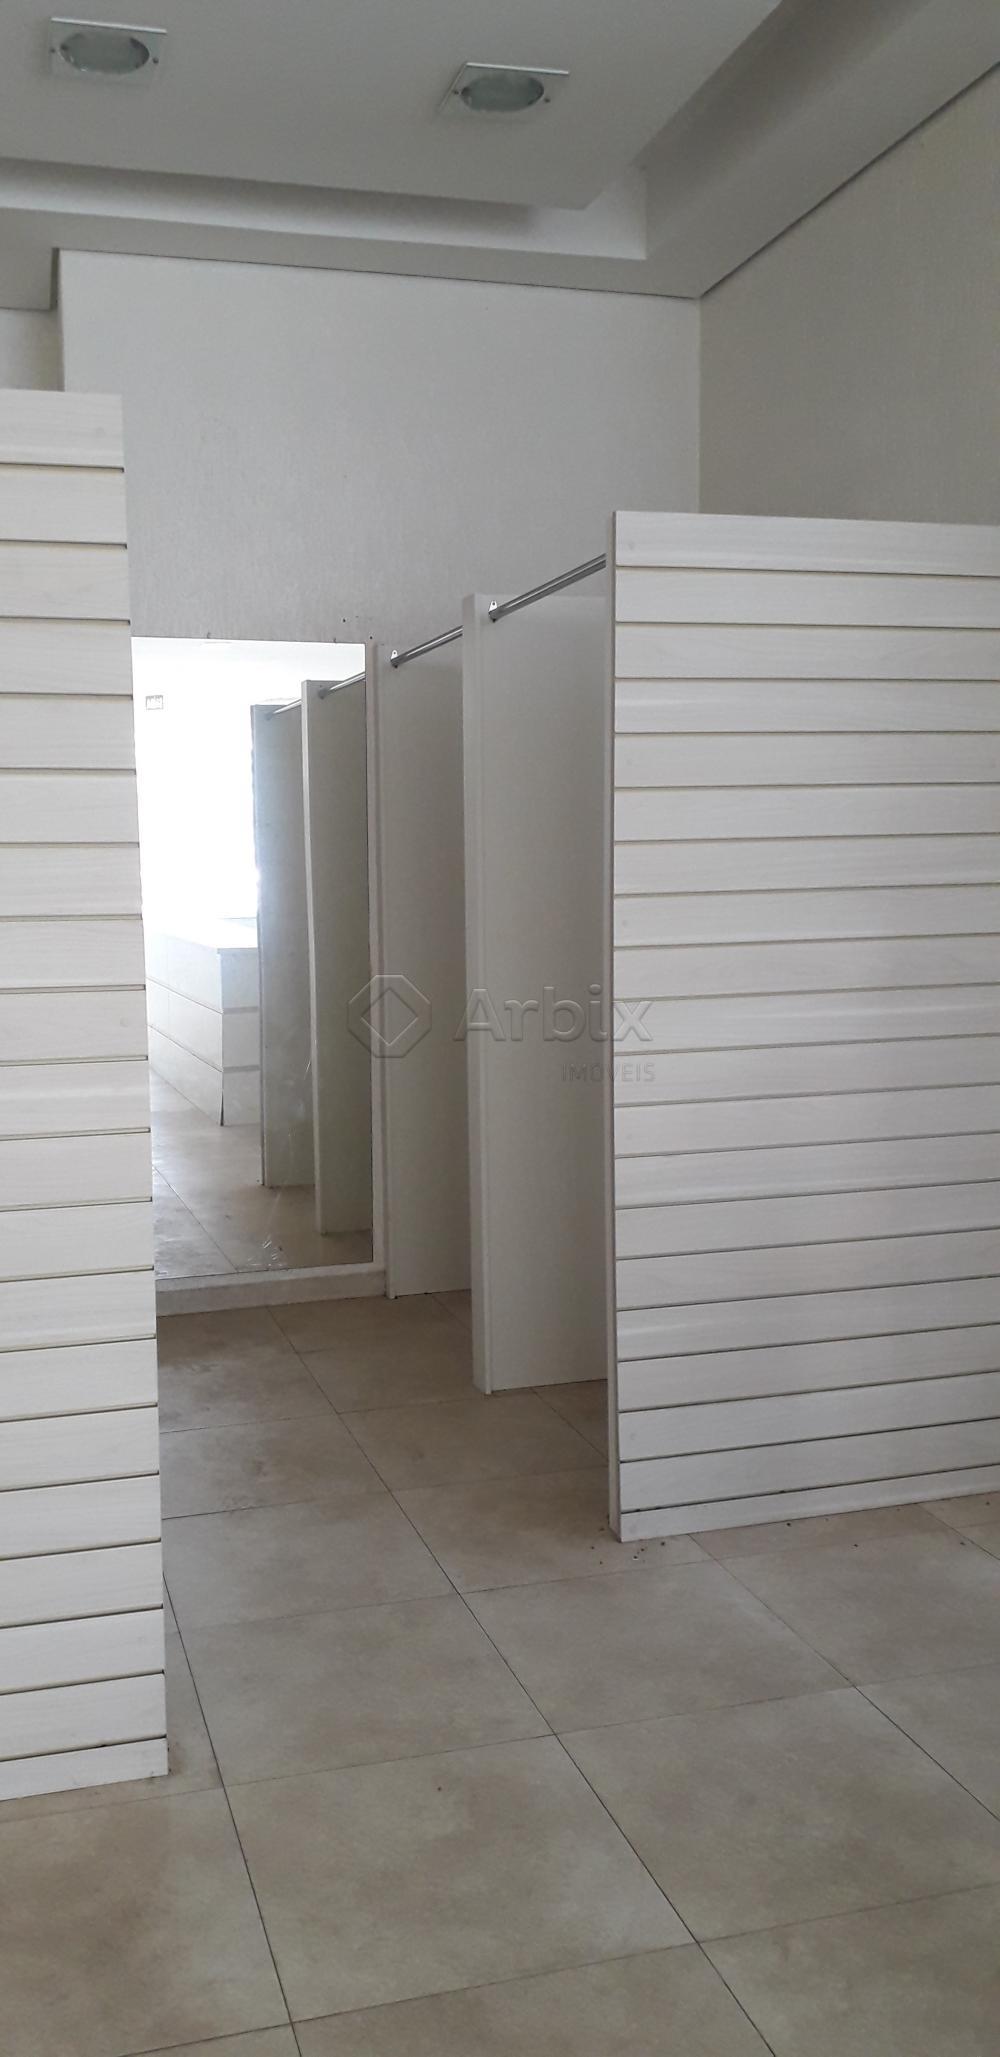 Alugar Comercial / Salão em Americana apenas R$ 6.000,00 - Foto 7